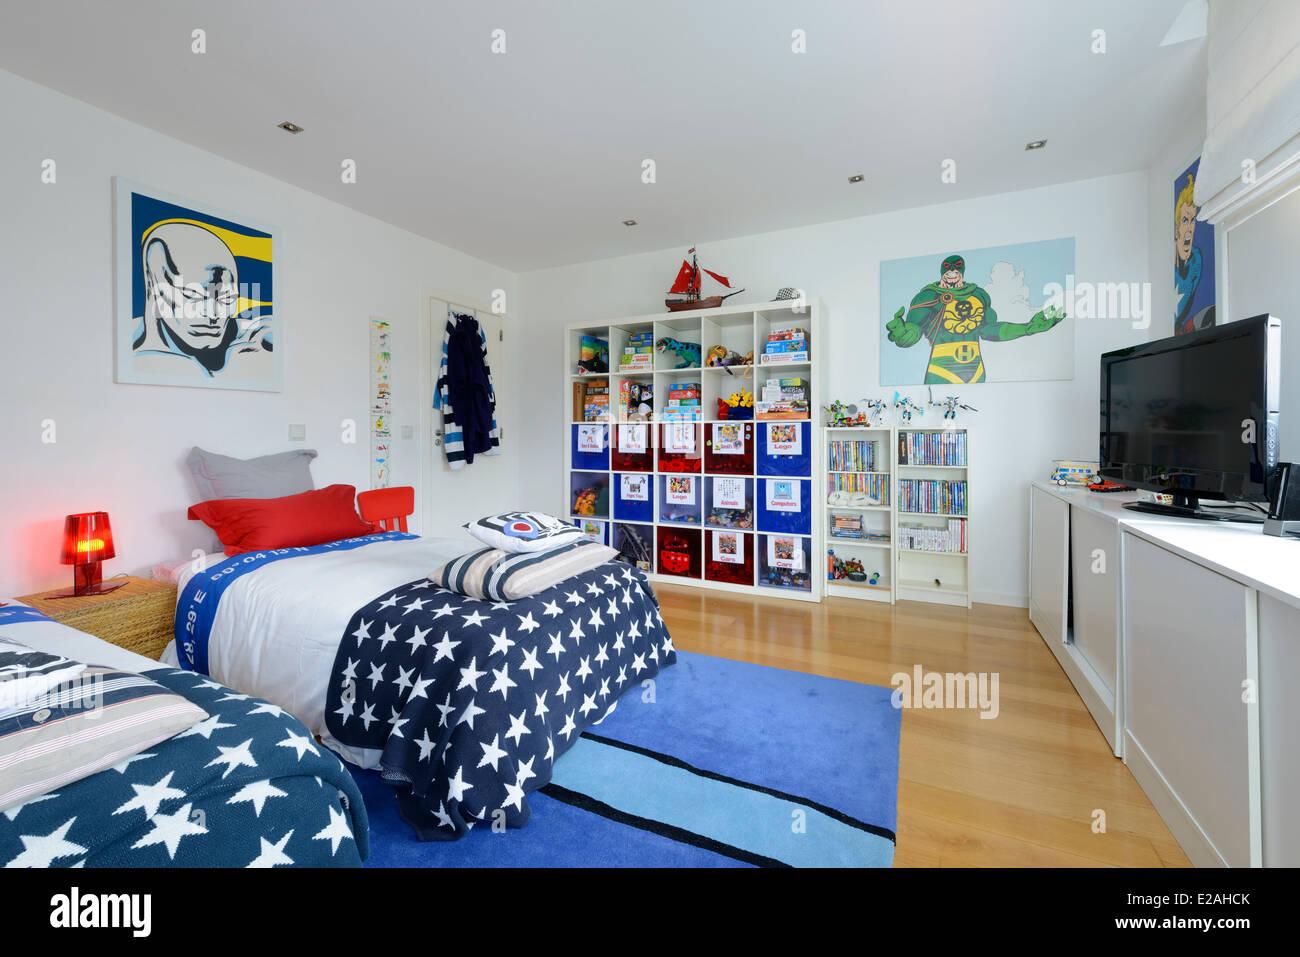 Kinderzimmer mit zwei Betten Stockfoto, Bild: 70303987 - Alamy